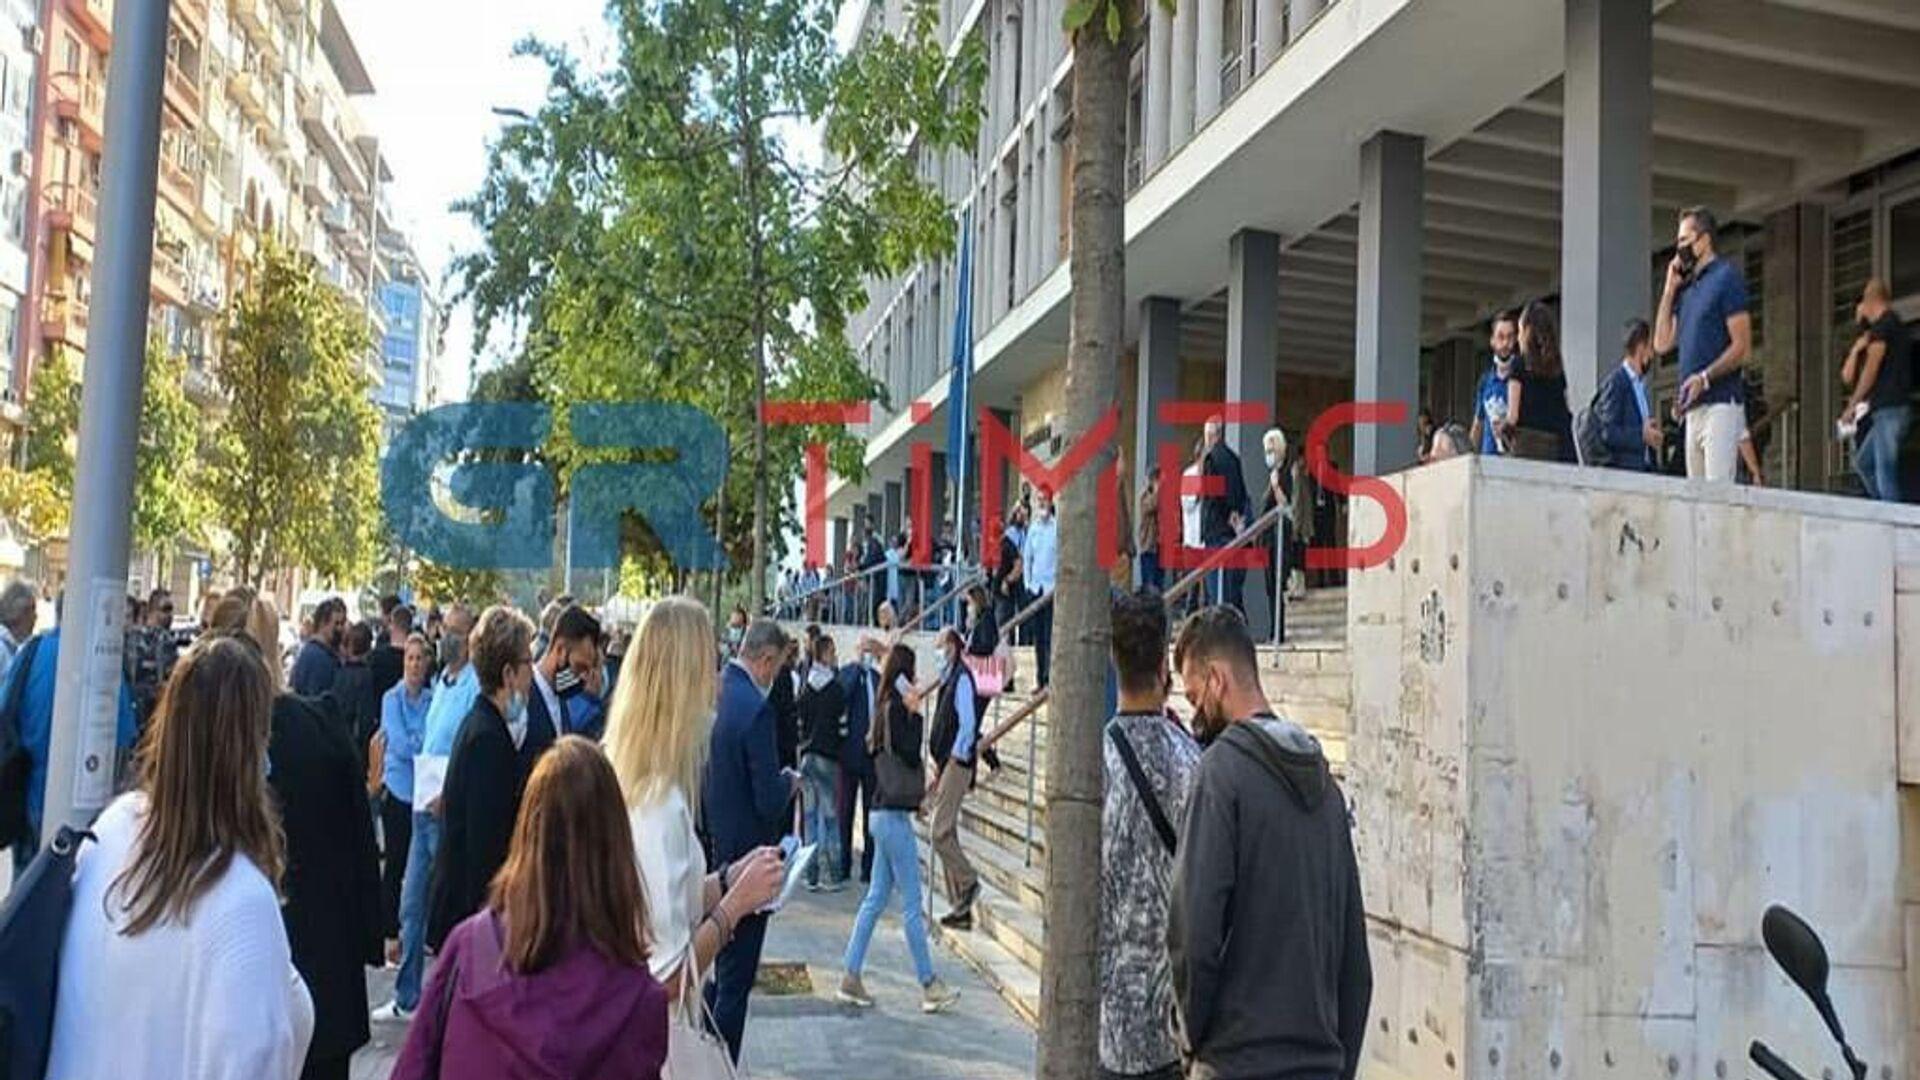 Τηλεφώνημα για βόμβα στα Δικαστήρια Θεσσαλονίκης - Sputnik Ελλάδα, 1920, 27.09.2021